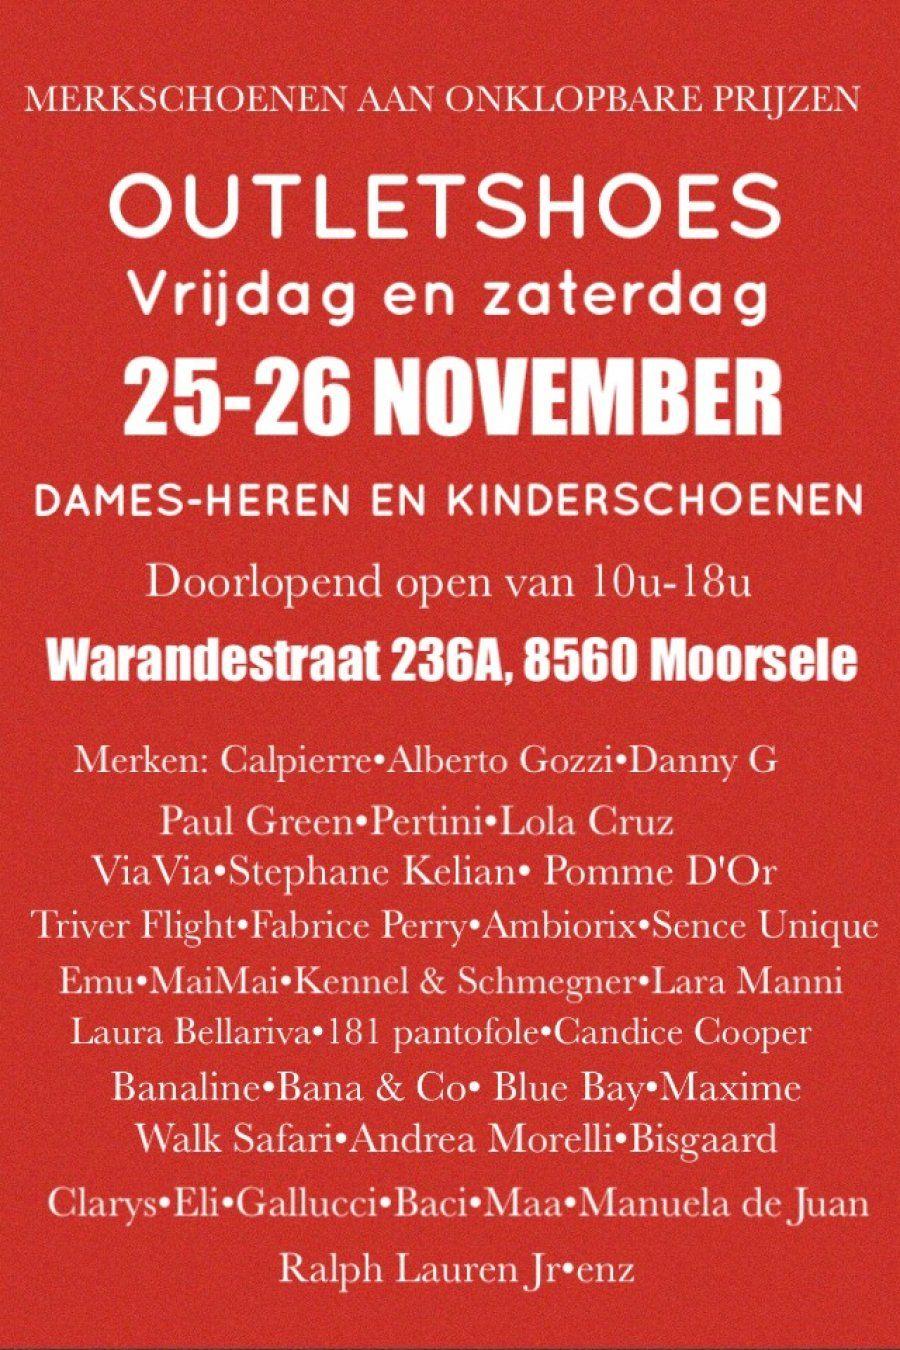 Kinderschoenen Belgie.Grote Stockverkoop Dames Heren En Kinderschoenen Moorsele 25